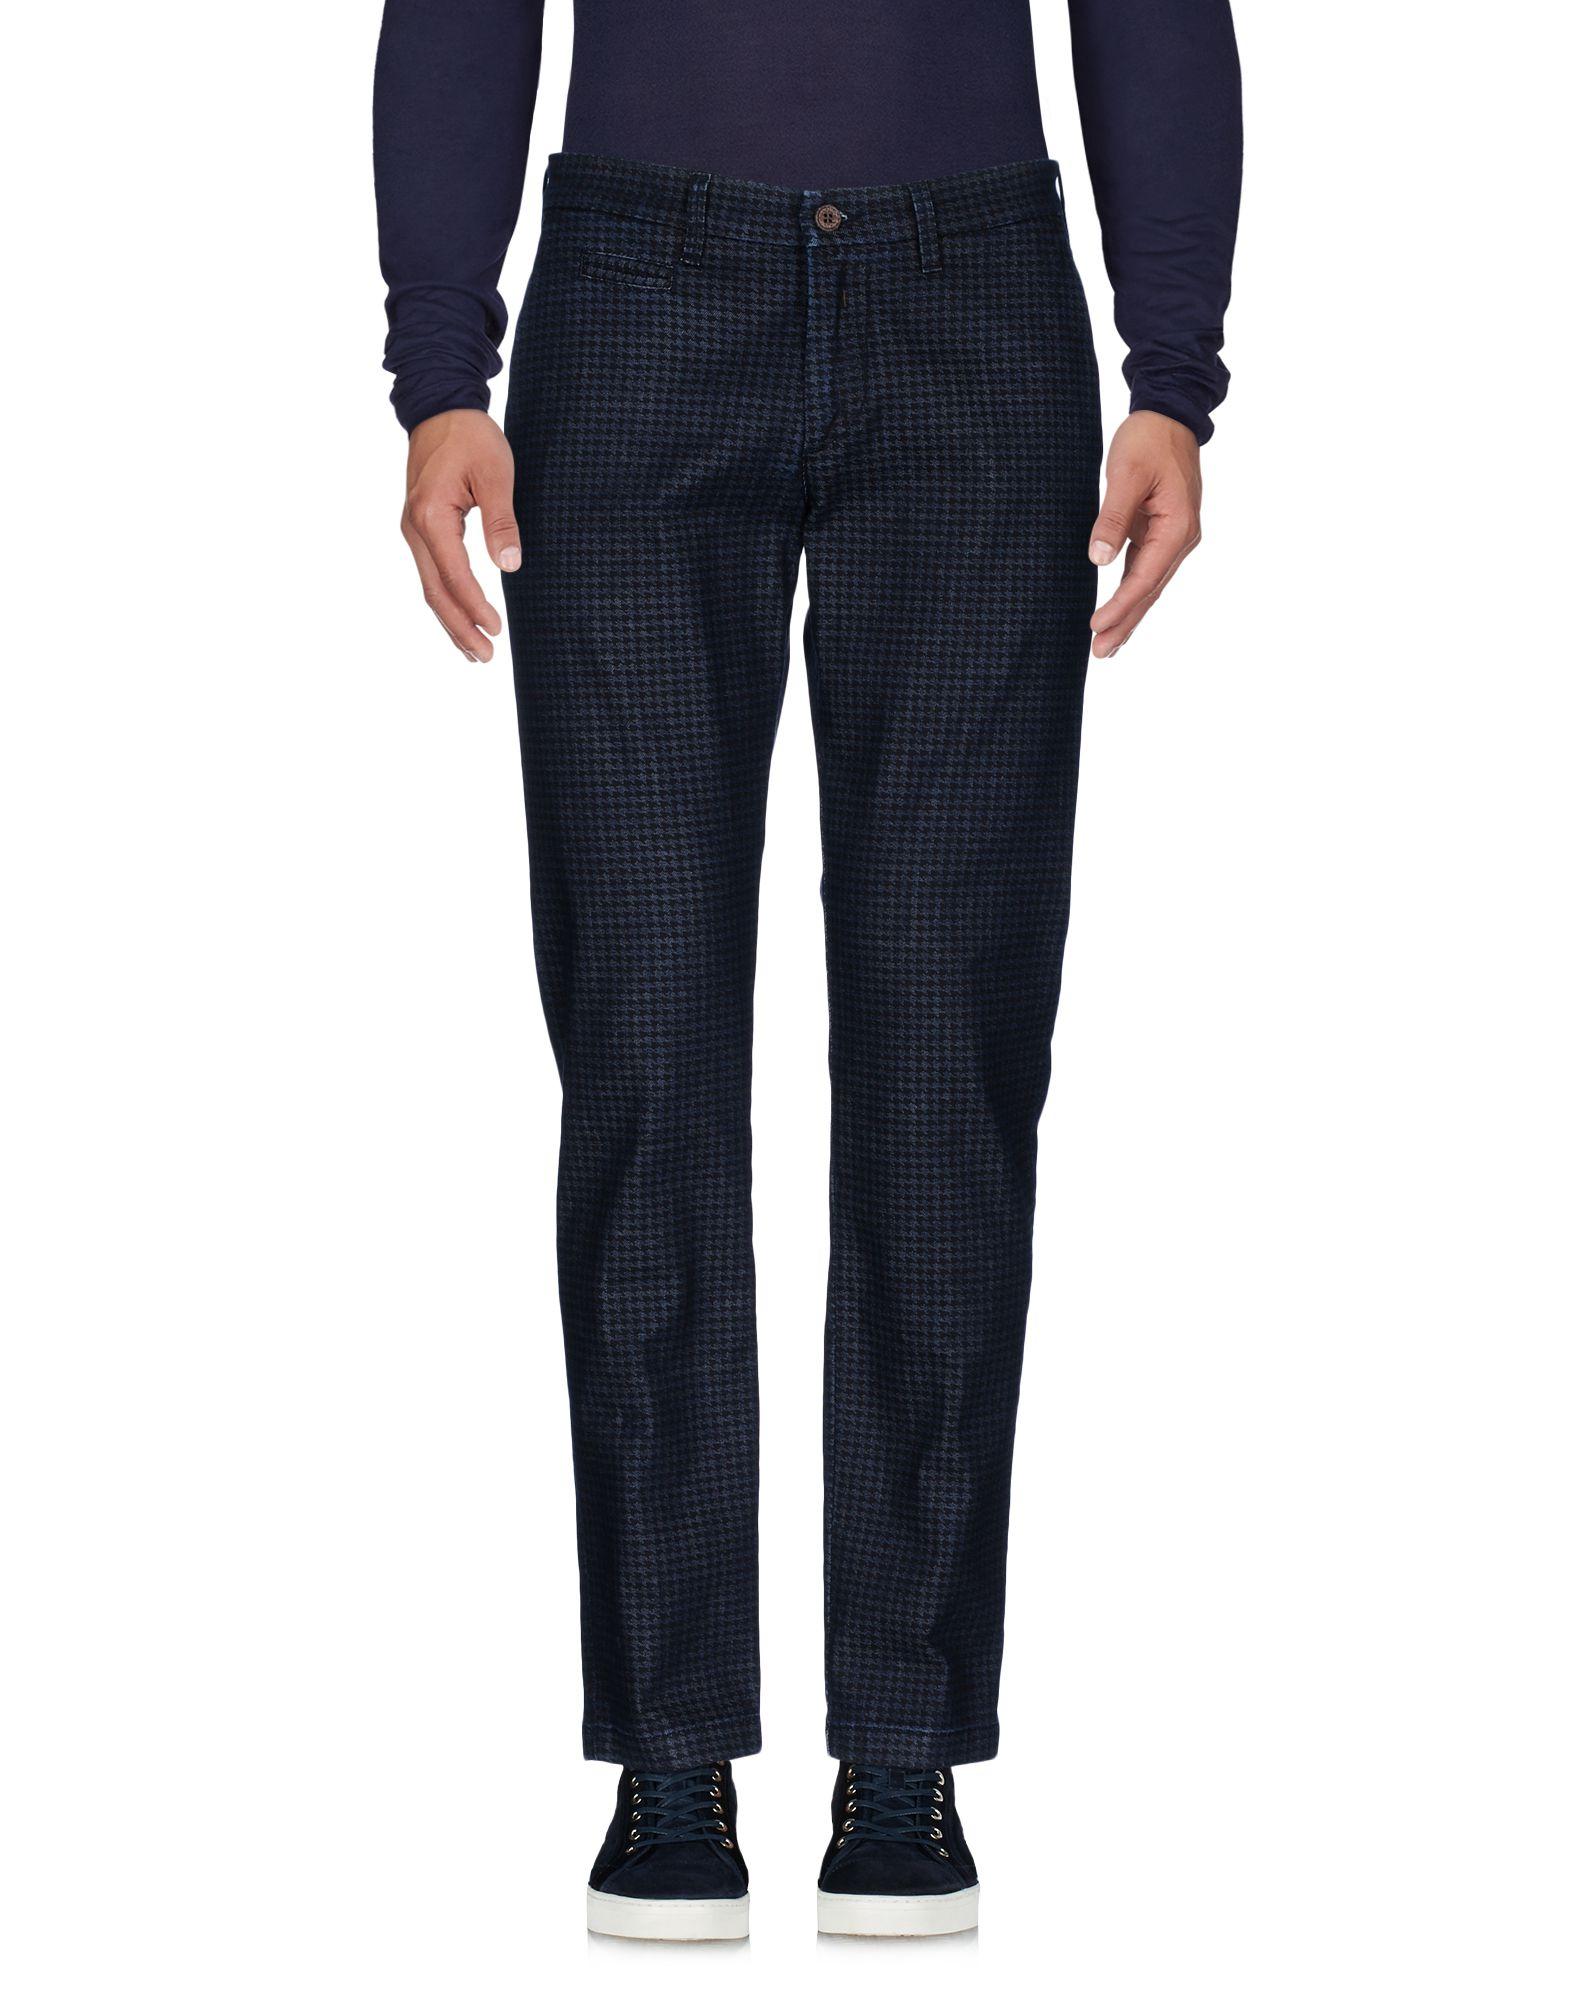 ФОТО c+ plus Джинсовые брюки